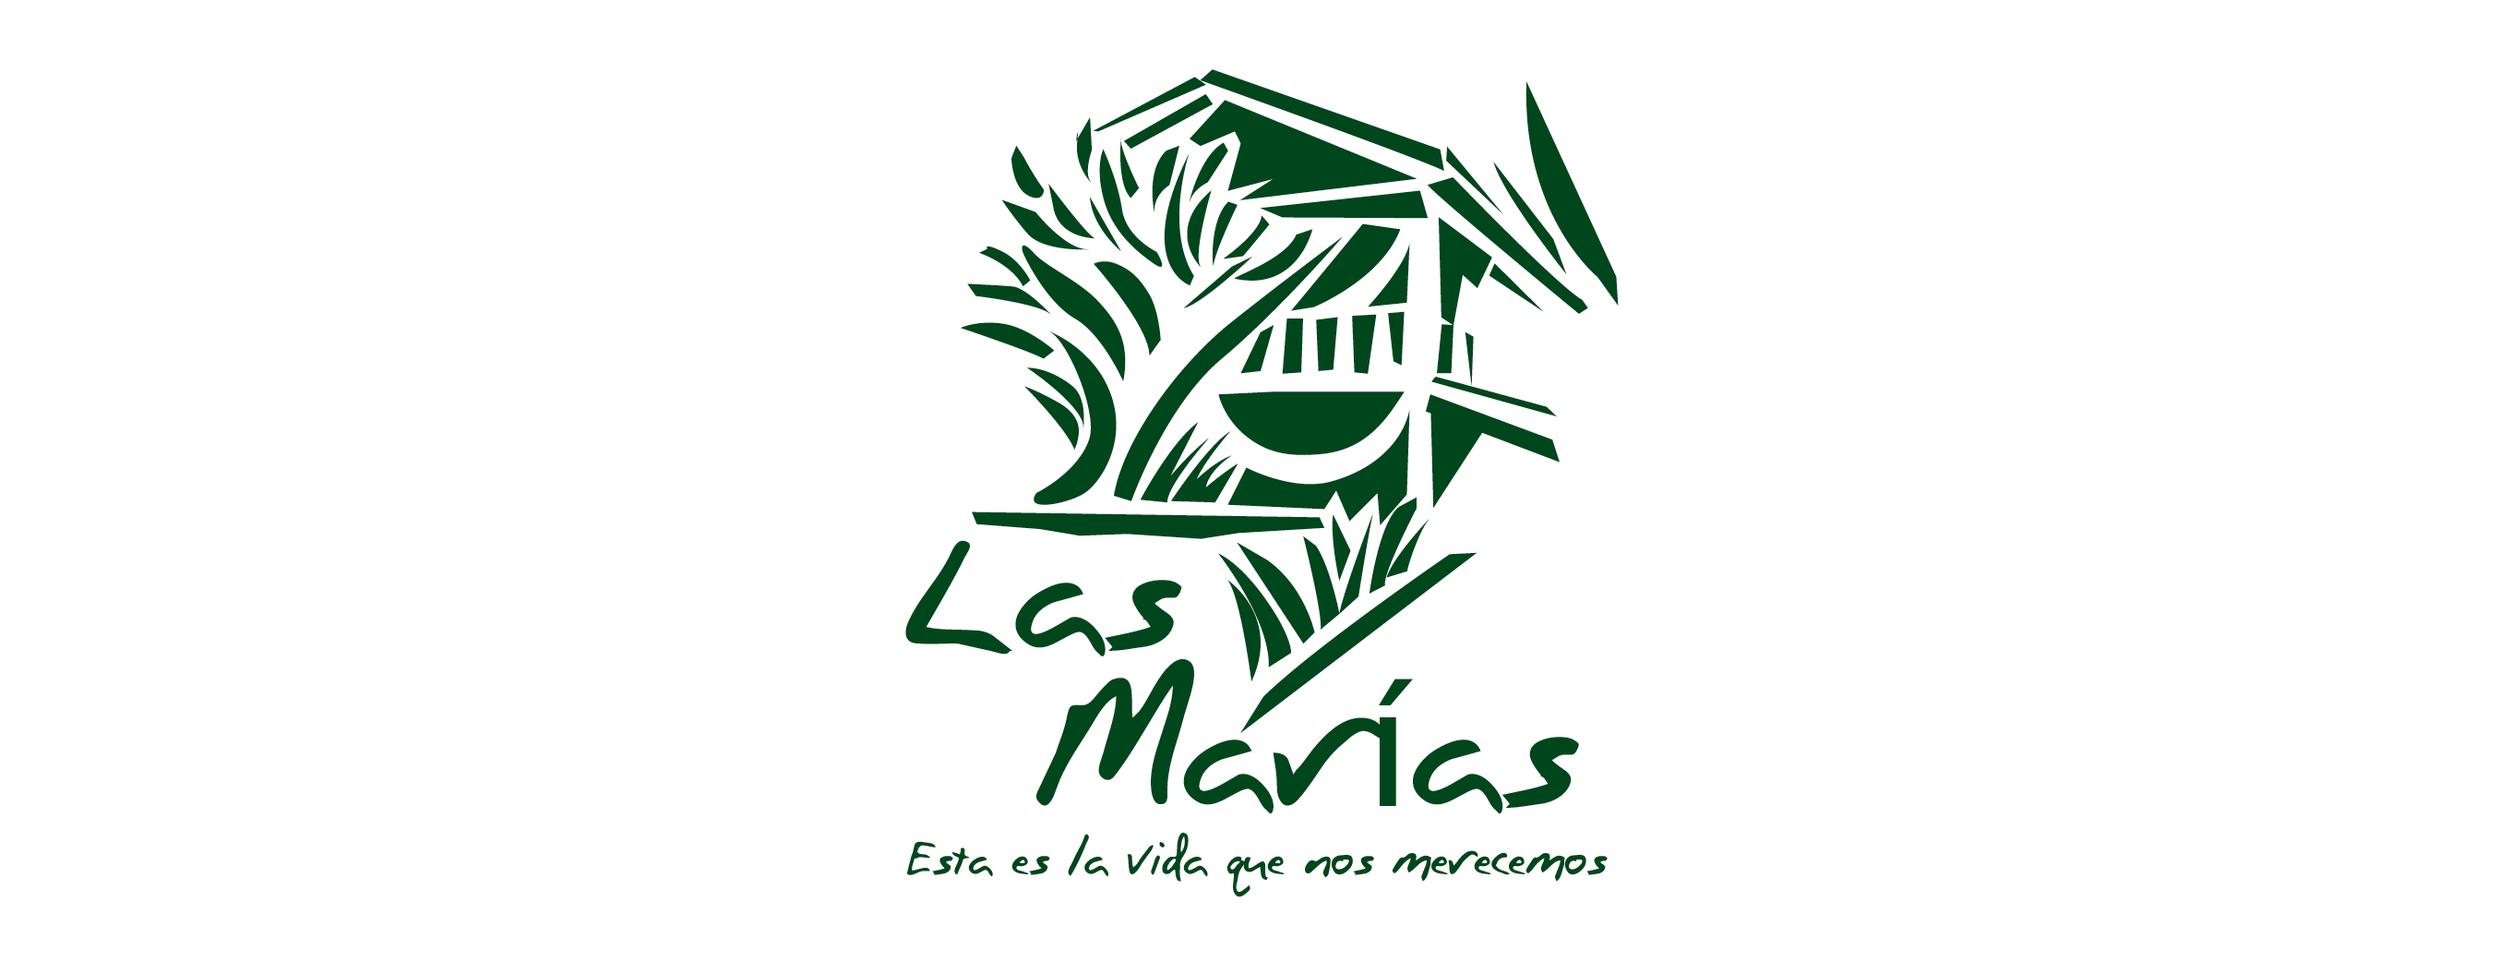 Las Marias B&B